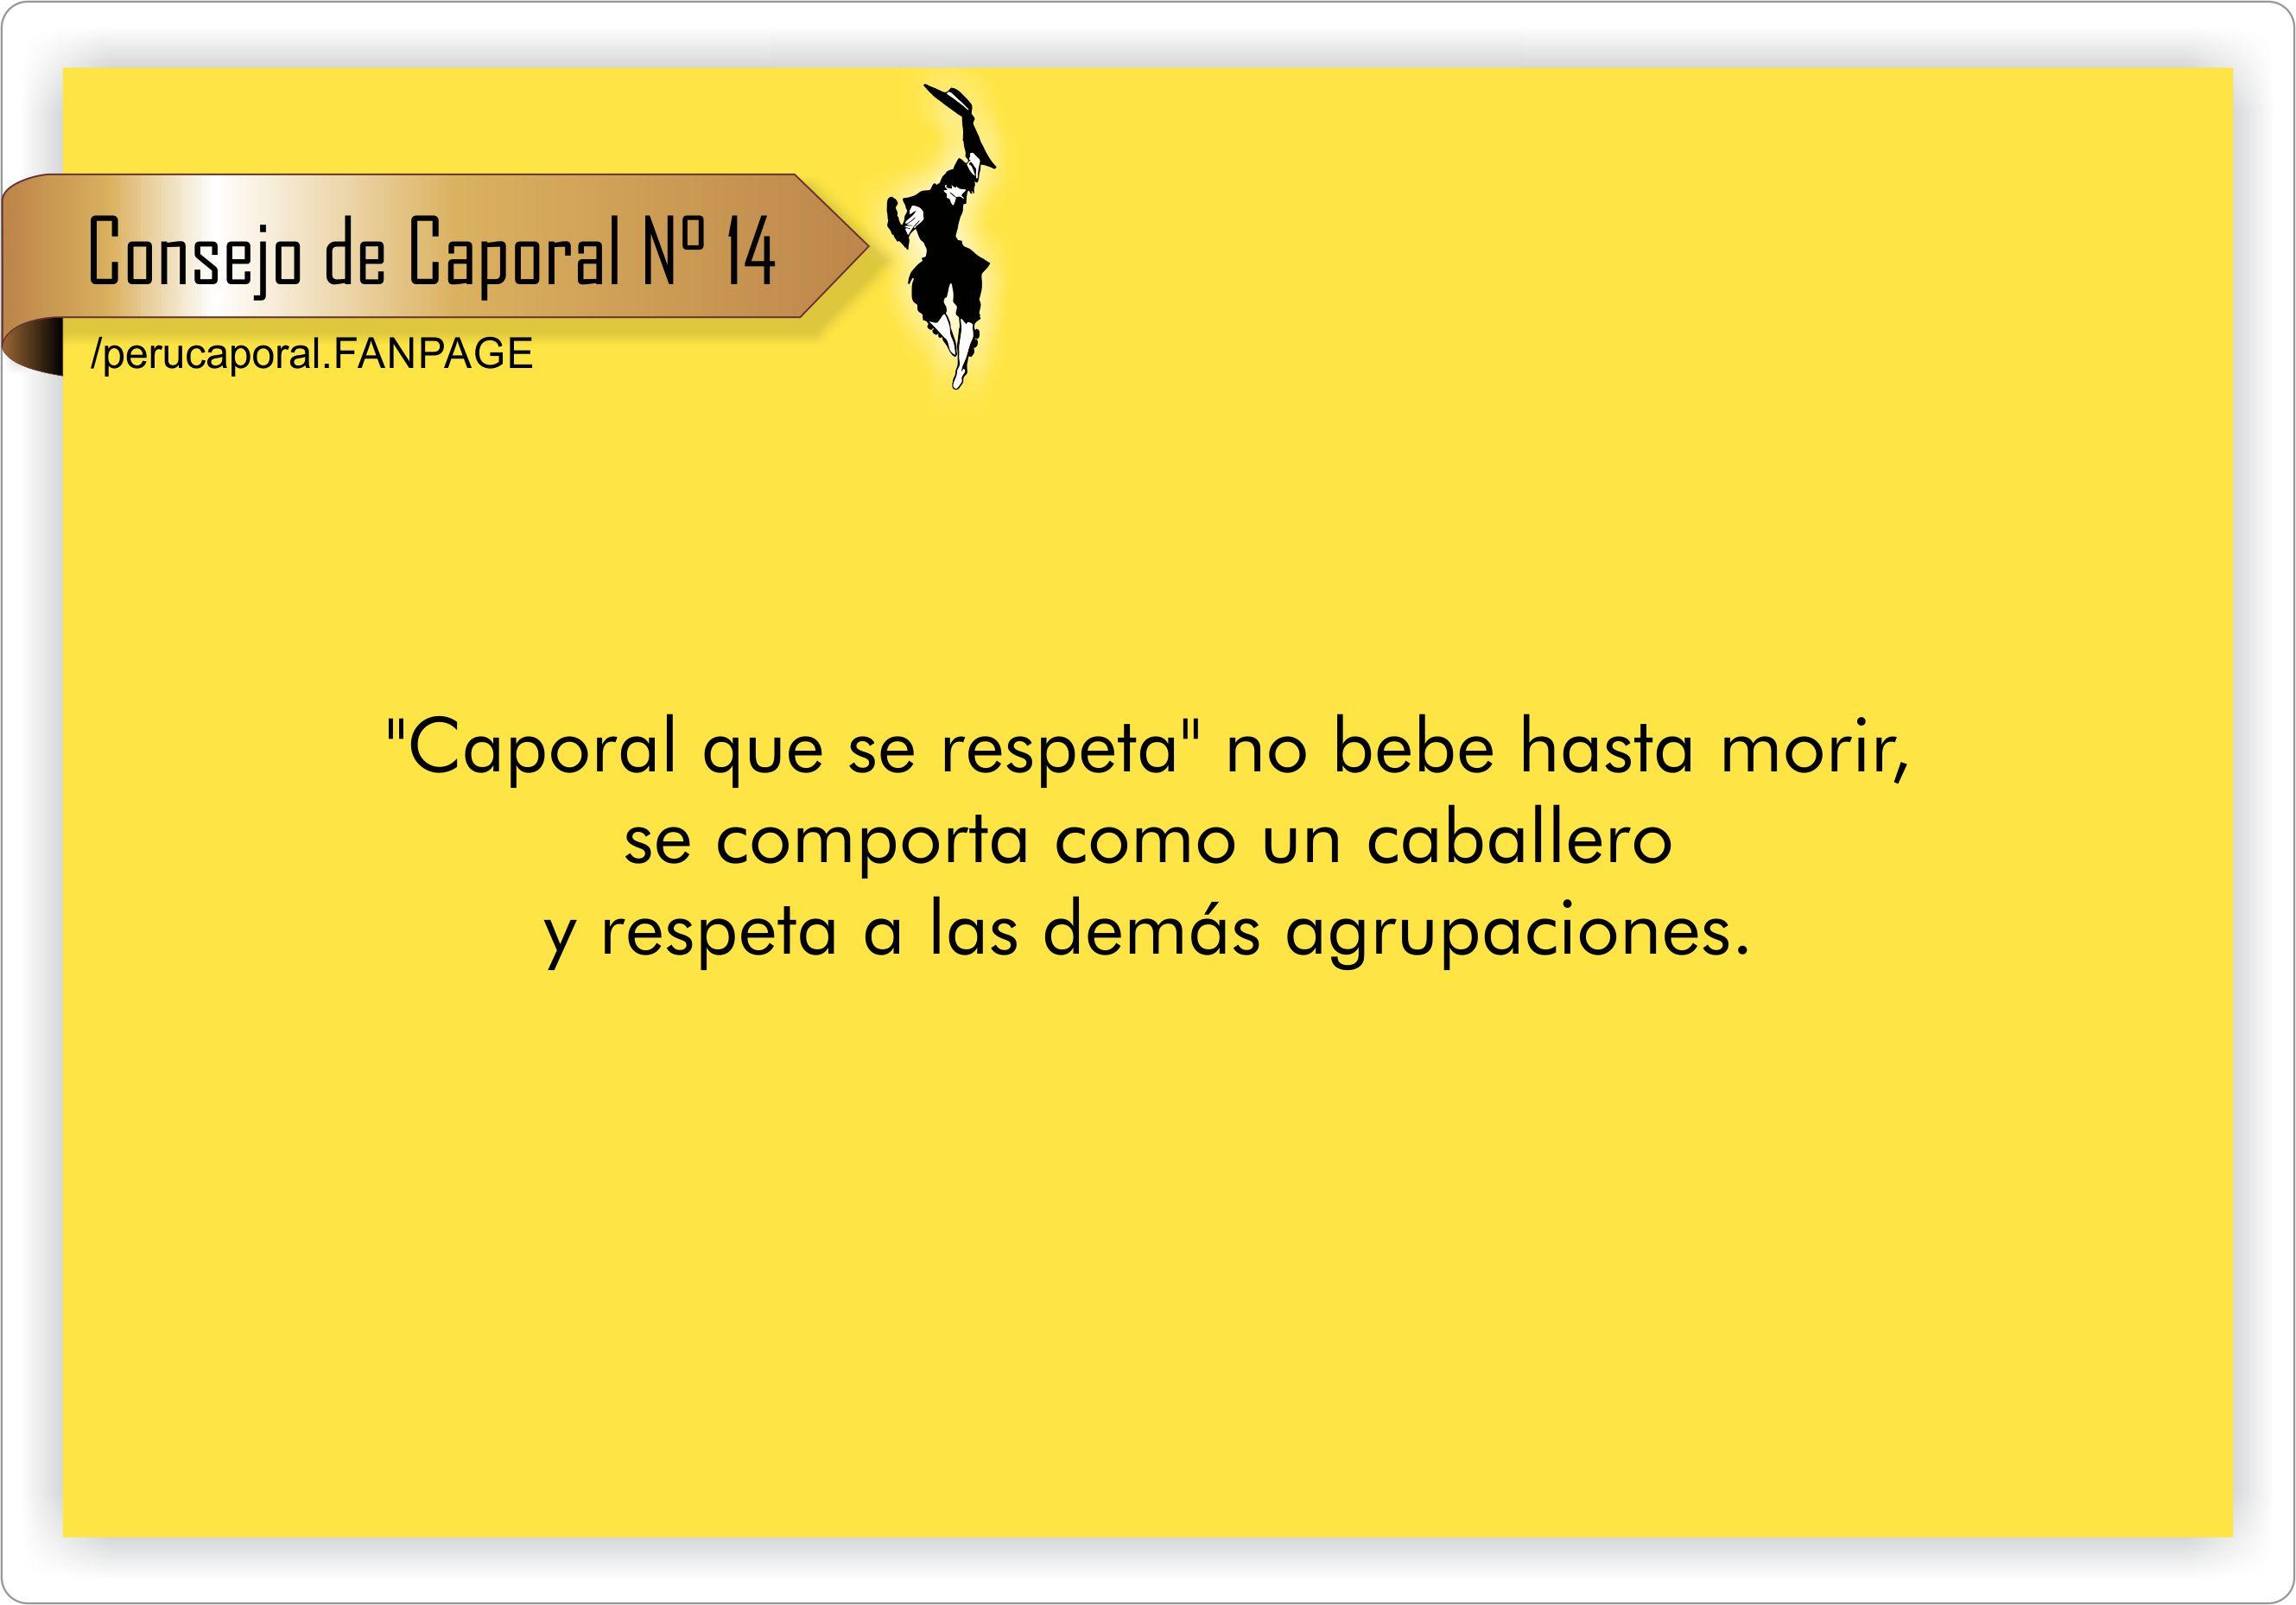 «Caporal que se respeta» no bebe hasta morir, se comporta como un caballero, no busca problemas y respeta al resto de grupos.